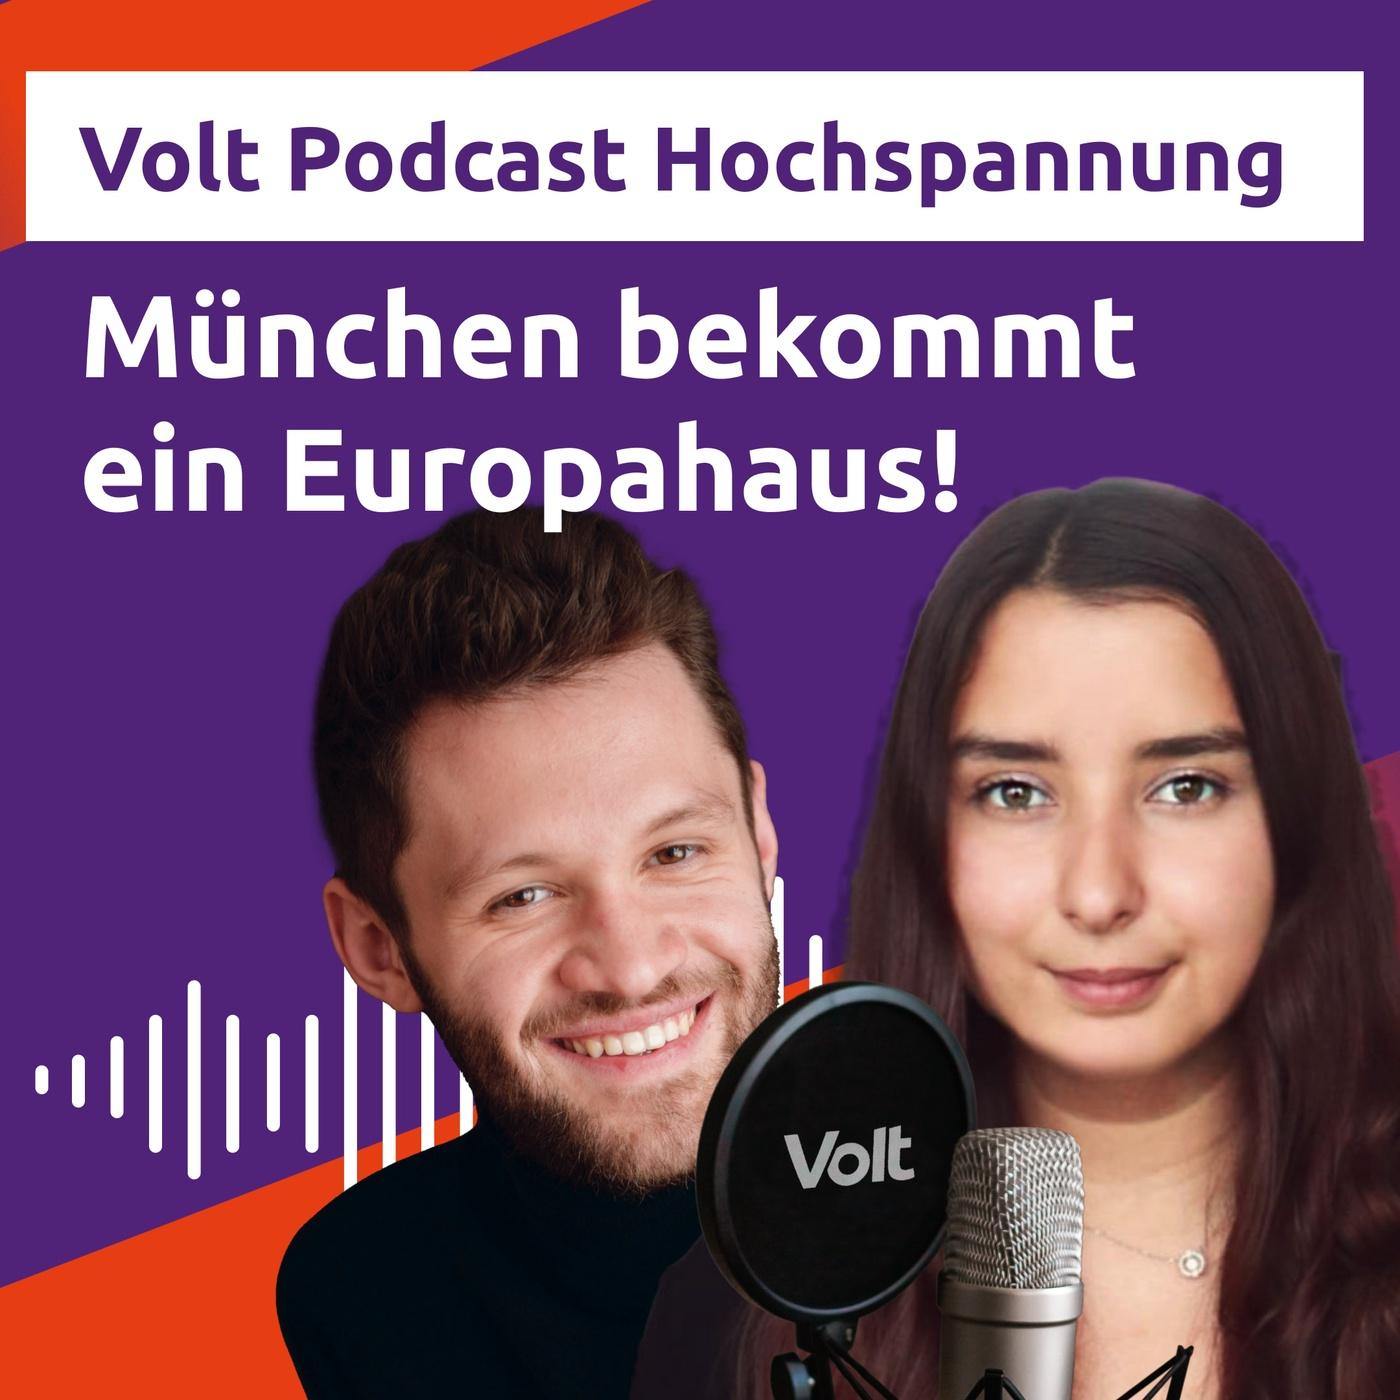 München bekommt ein Europahaus! - Wer macht Politik für die Zukunft? - Hochspannung Podcast